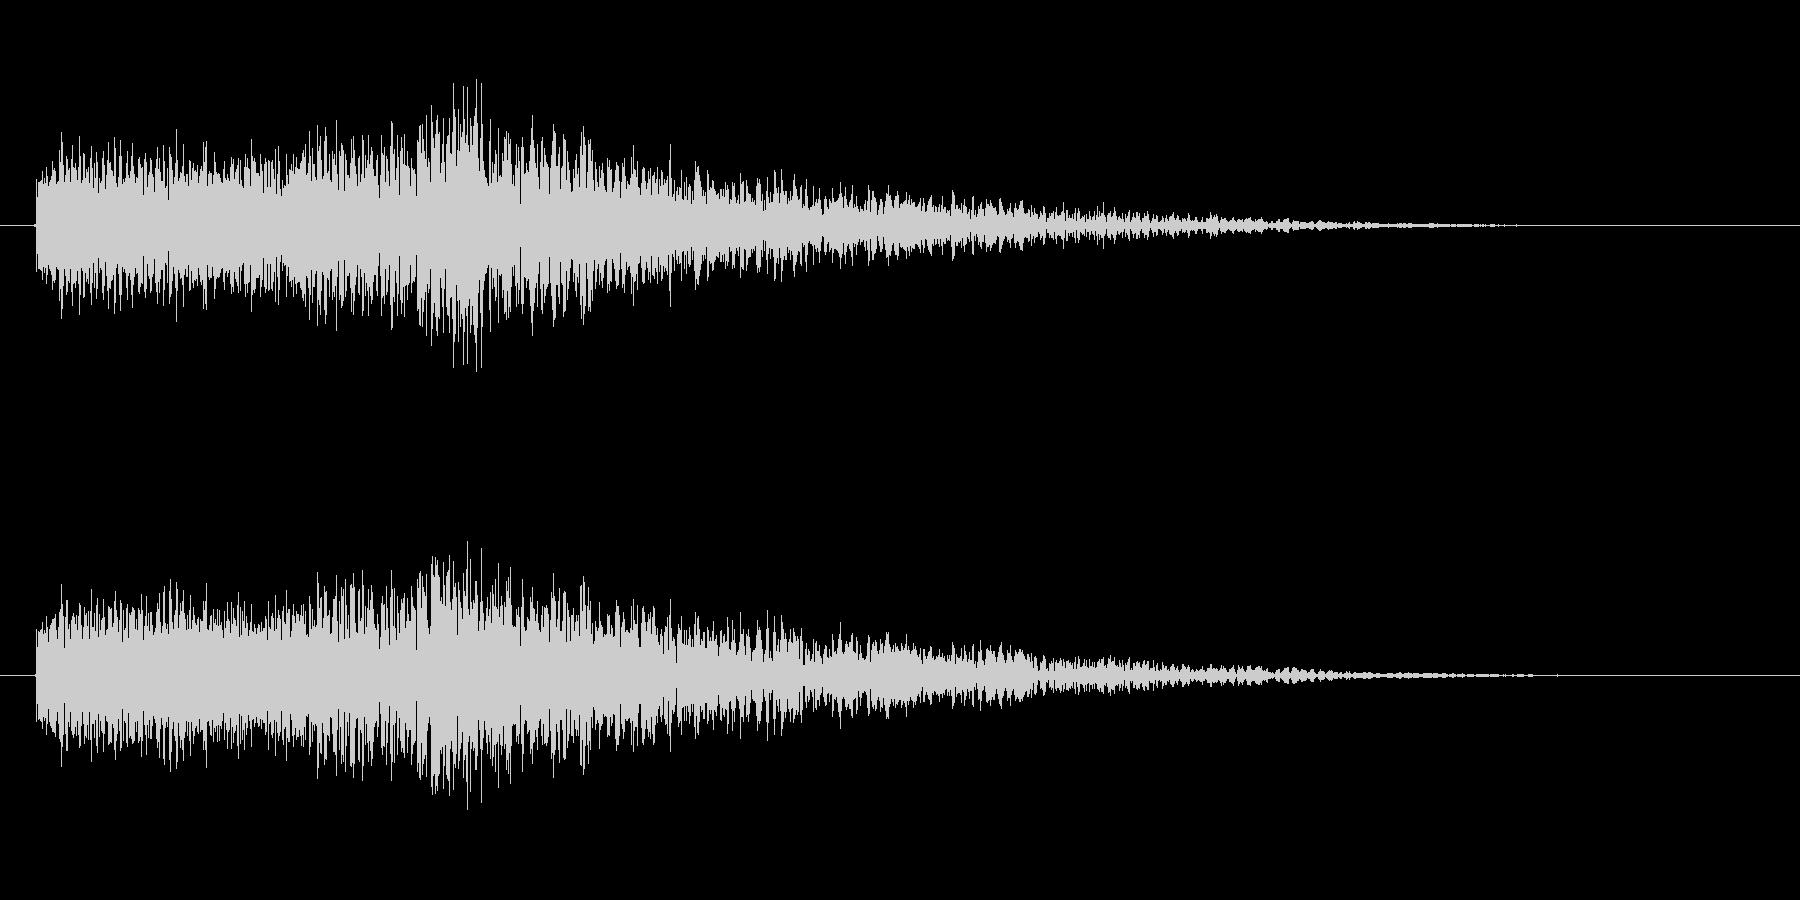 ブィーーーン(ギターアームダウンボム音)の未再生の波形